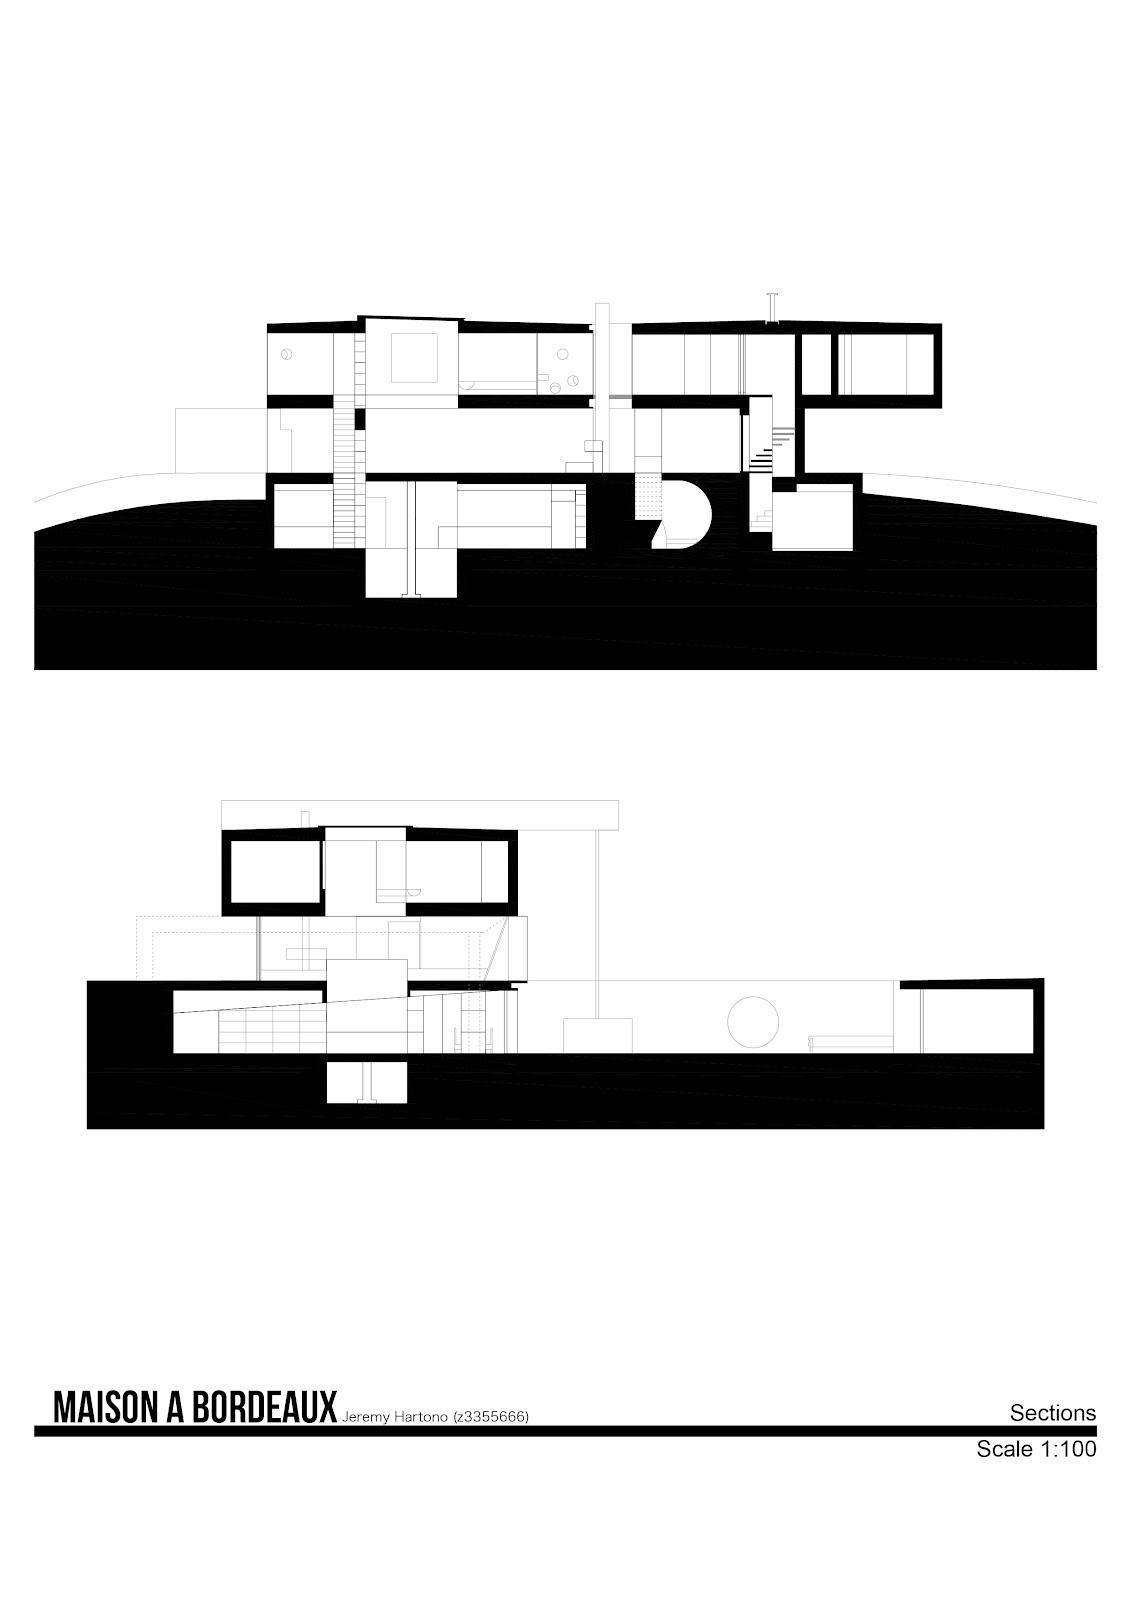 Arch1201 project 1 maison a bordeaux jeremy h unsw for Maison bordeaux